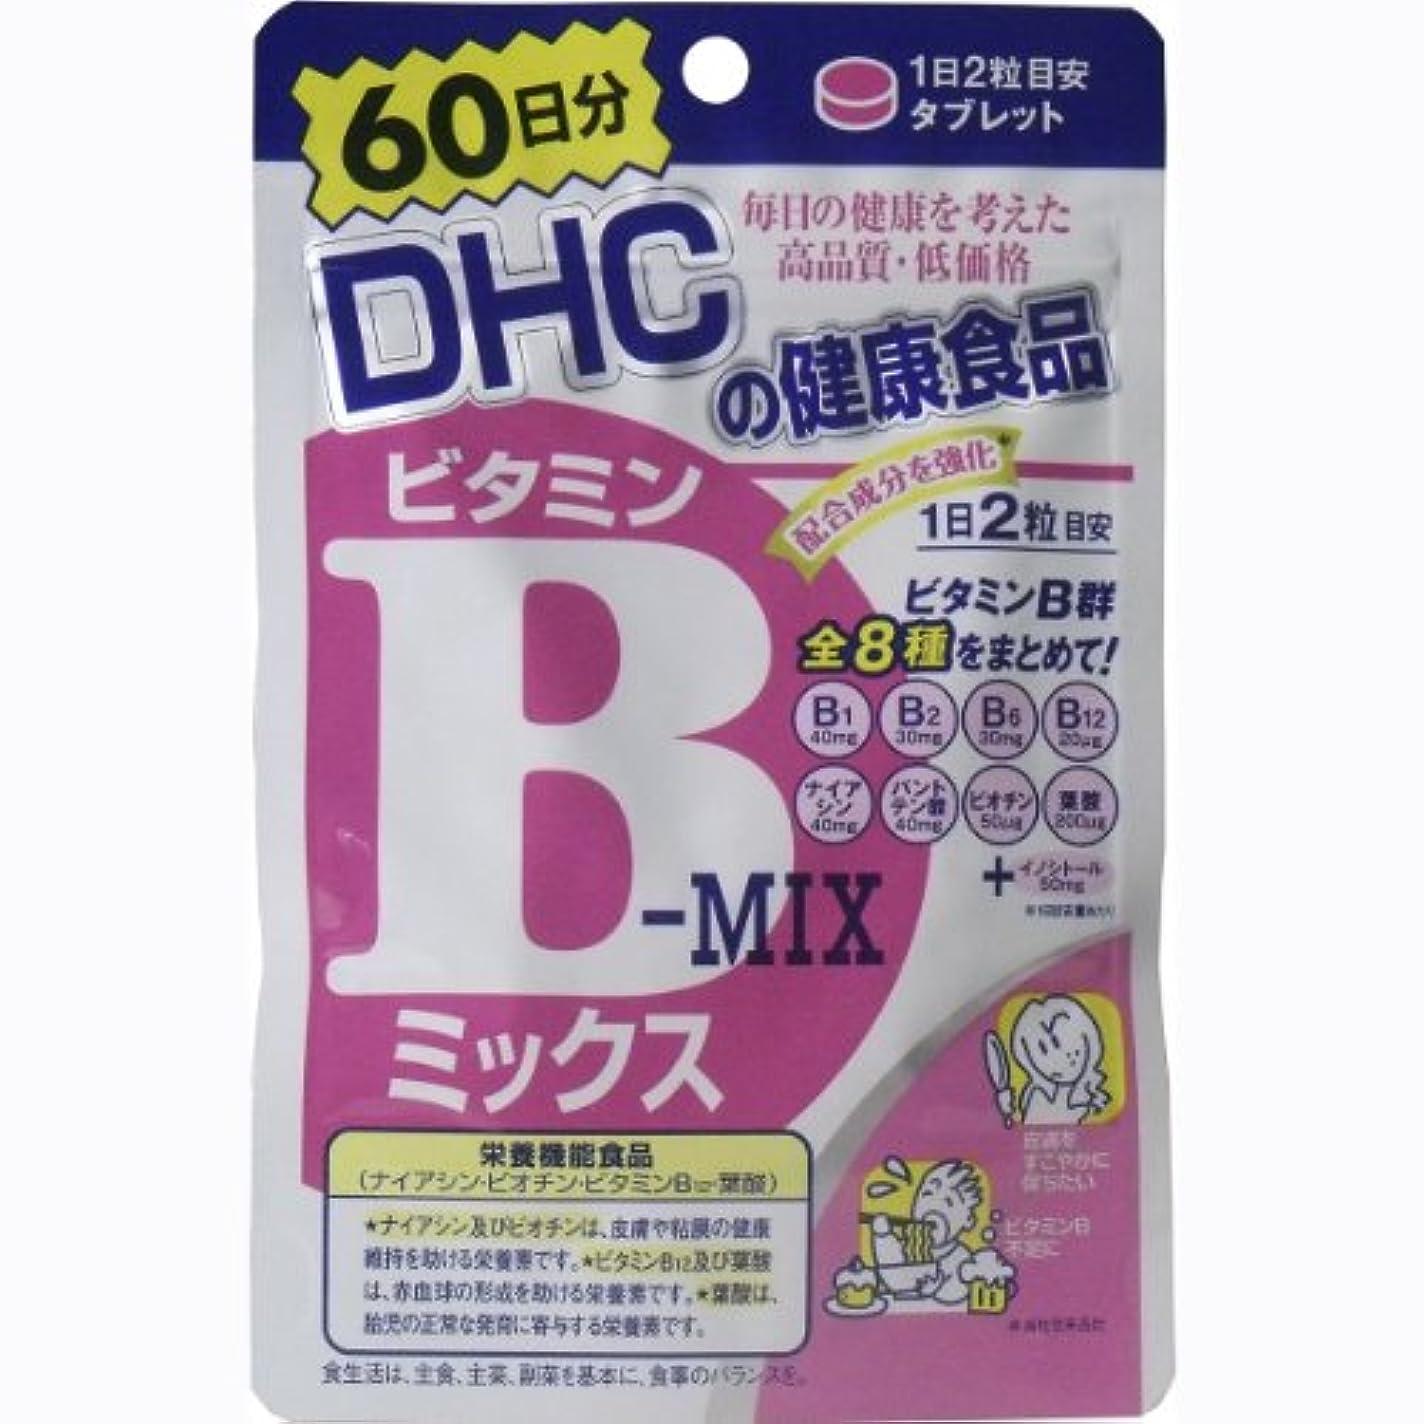 に頼る平日積極的にDHC ビタミンBミックス 120粒 60日分「3点セット」